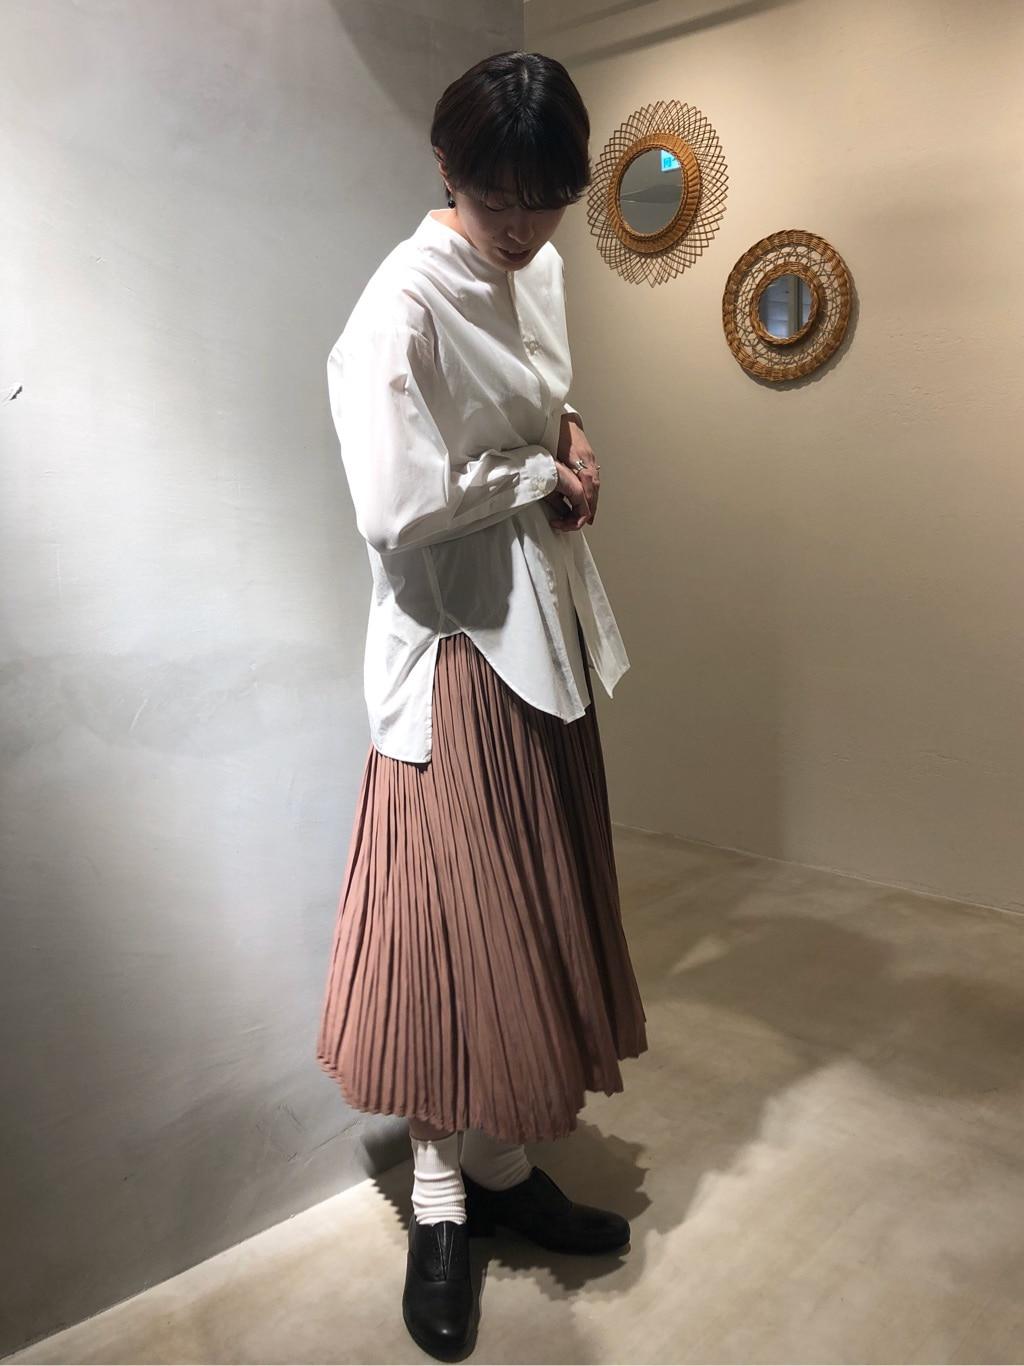 yuni ニュウマン横浜 身長:166cm 2020.09.07